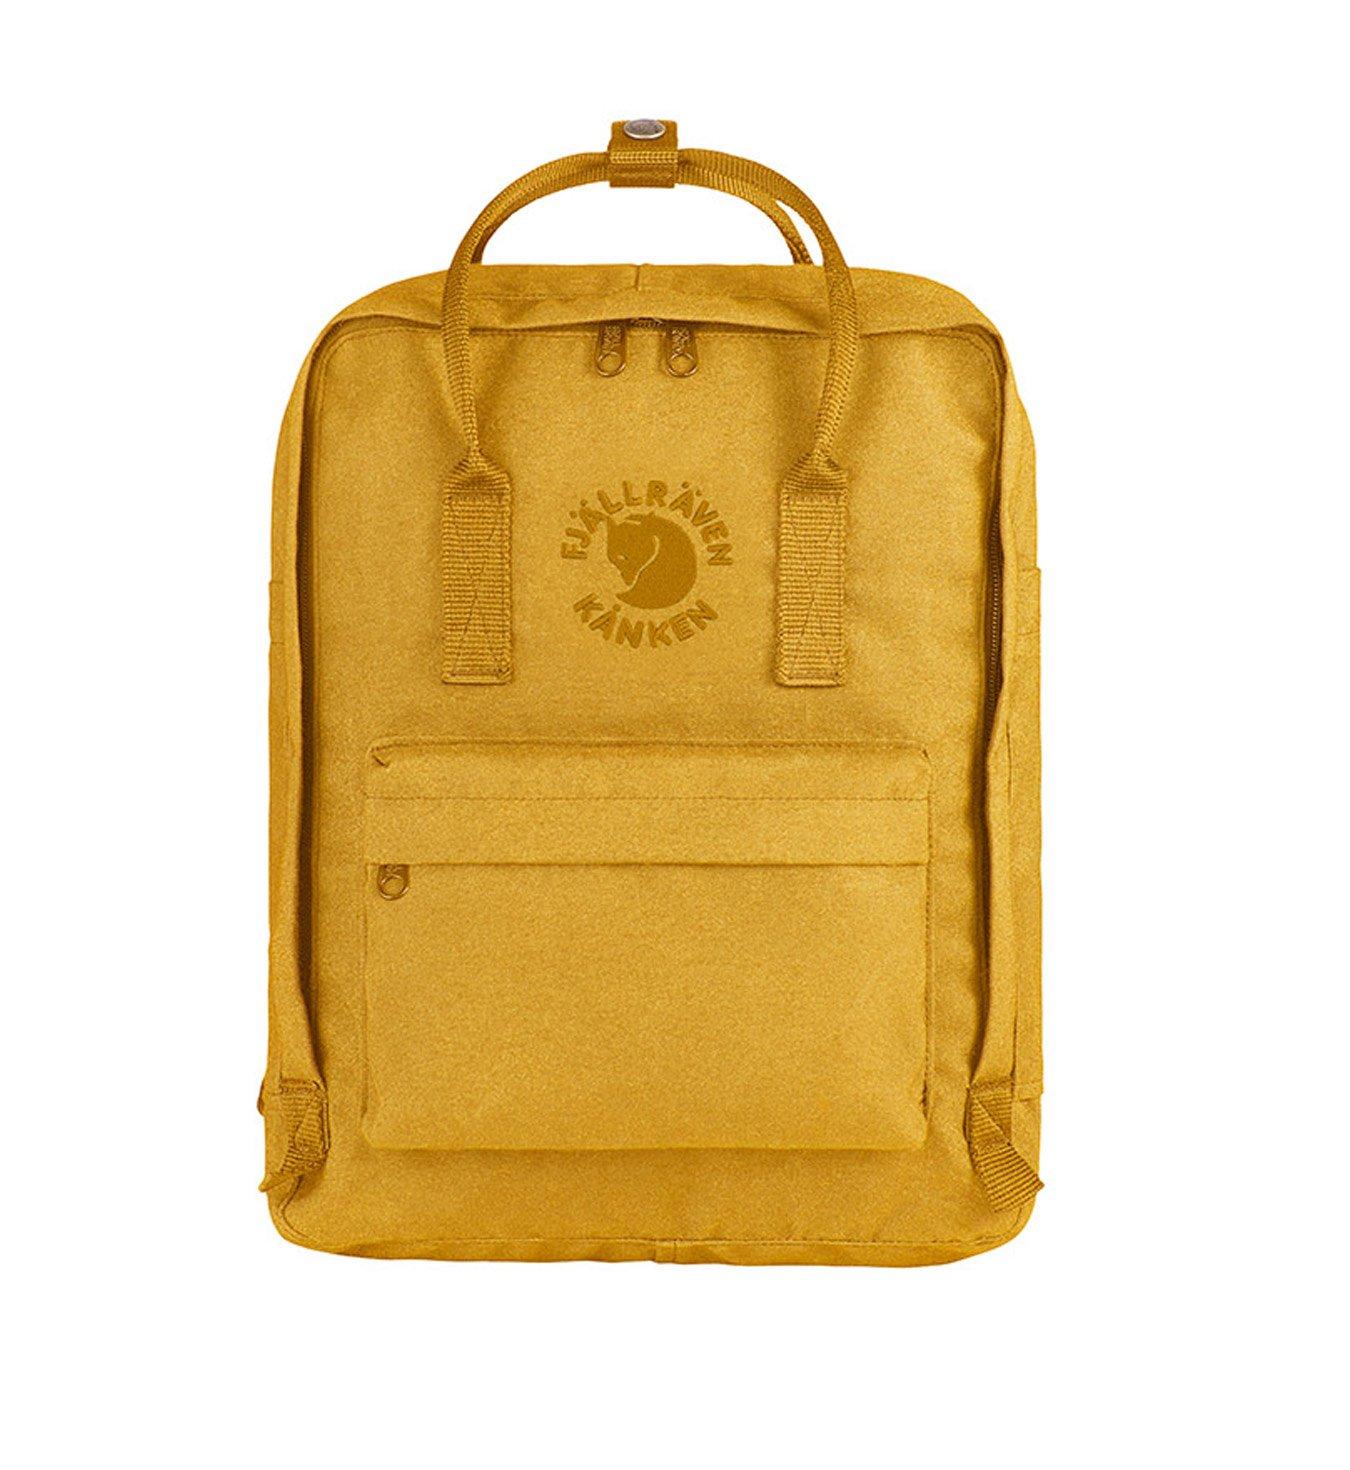 sprzedaż obuwia nowy styl życia nowy wygląd Fjallraven ReKanken Sunflower Yellow